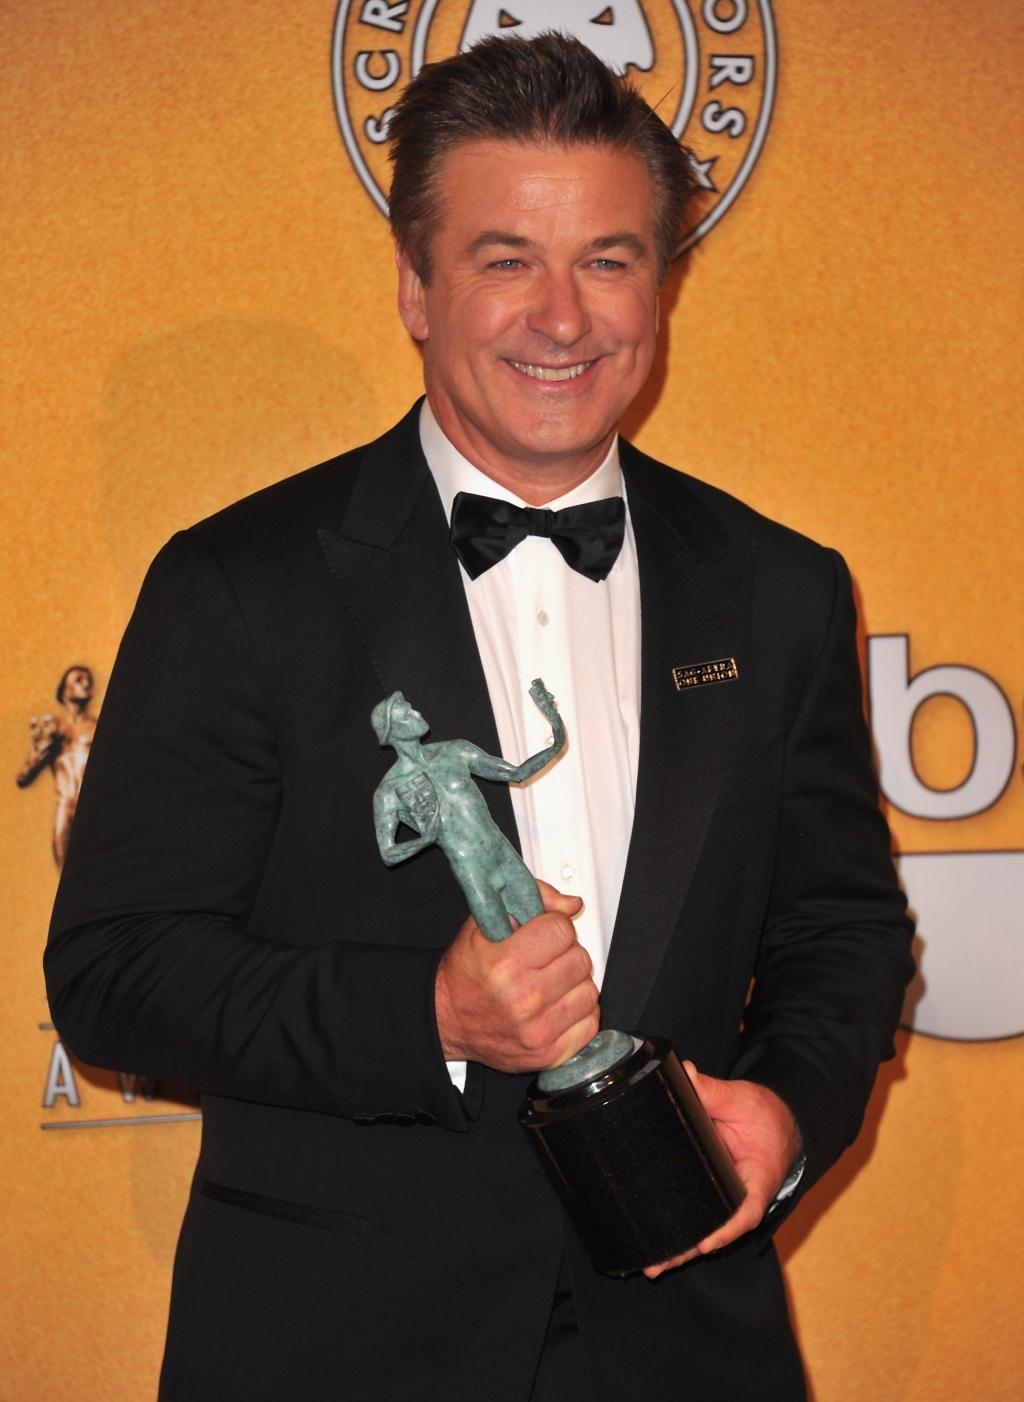 Алек Болдуин стал лучшим комедийным актёром 2011 года благодаря съёмкам в телесериале «30 Рок»